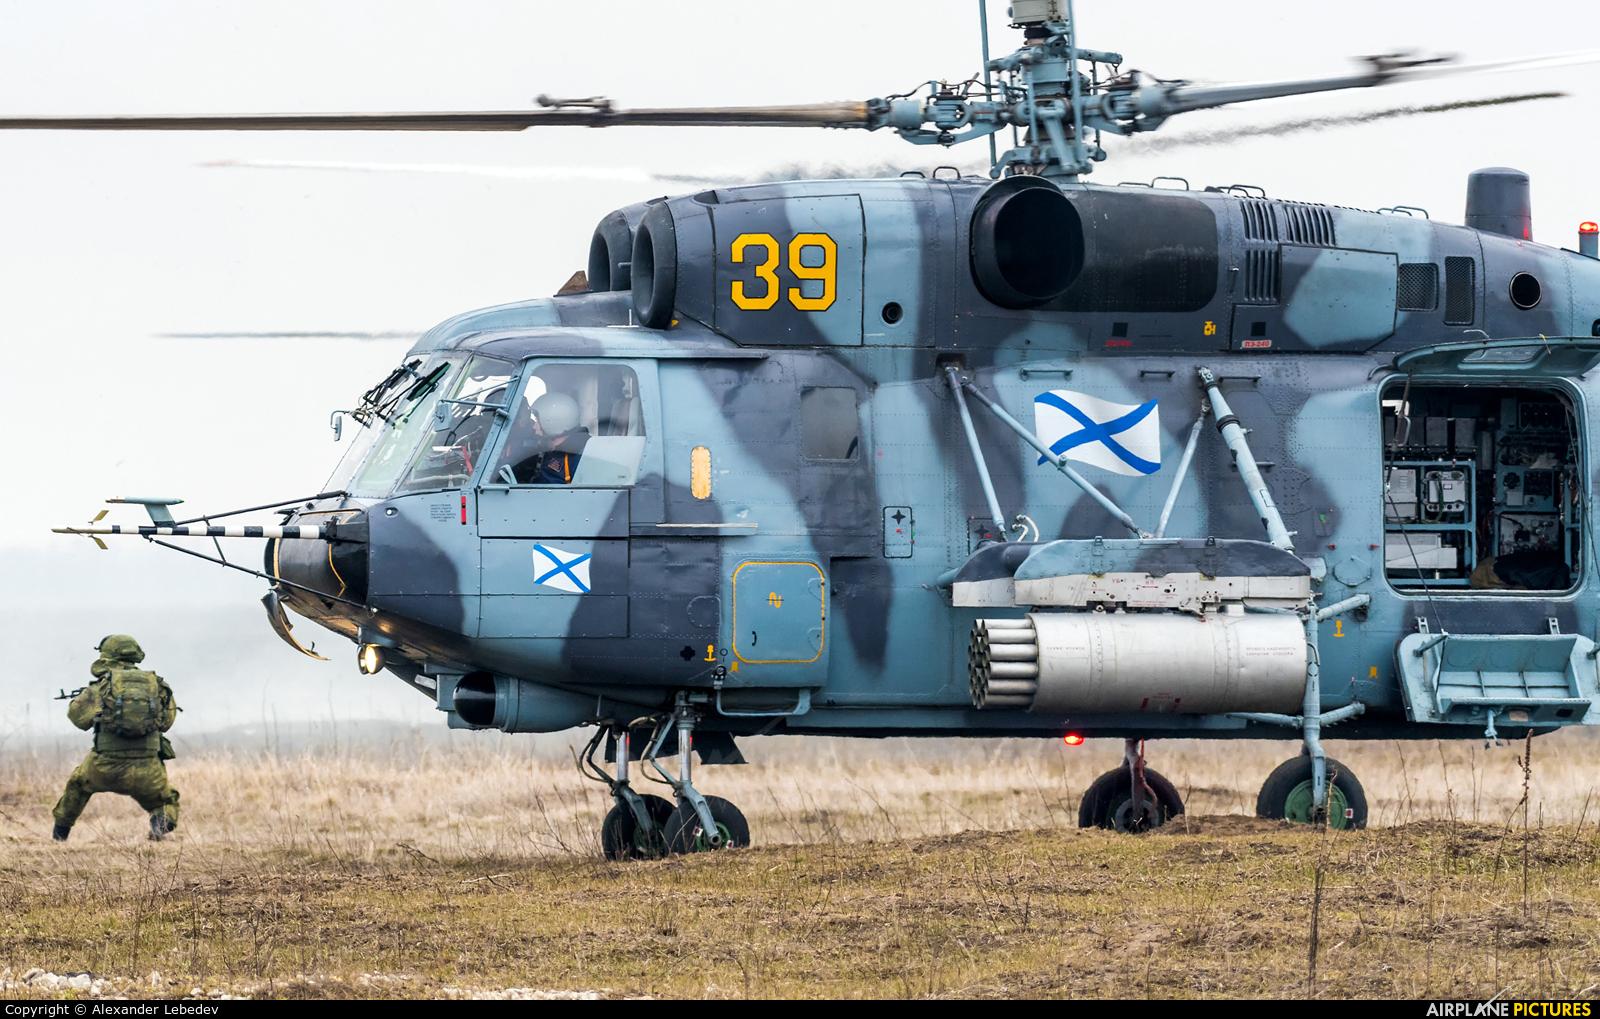 Russia - Navy RF-34188 aircraft at Yeysk